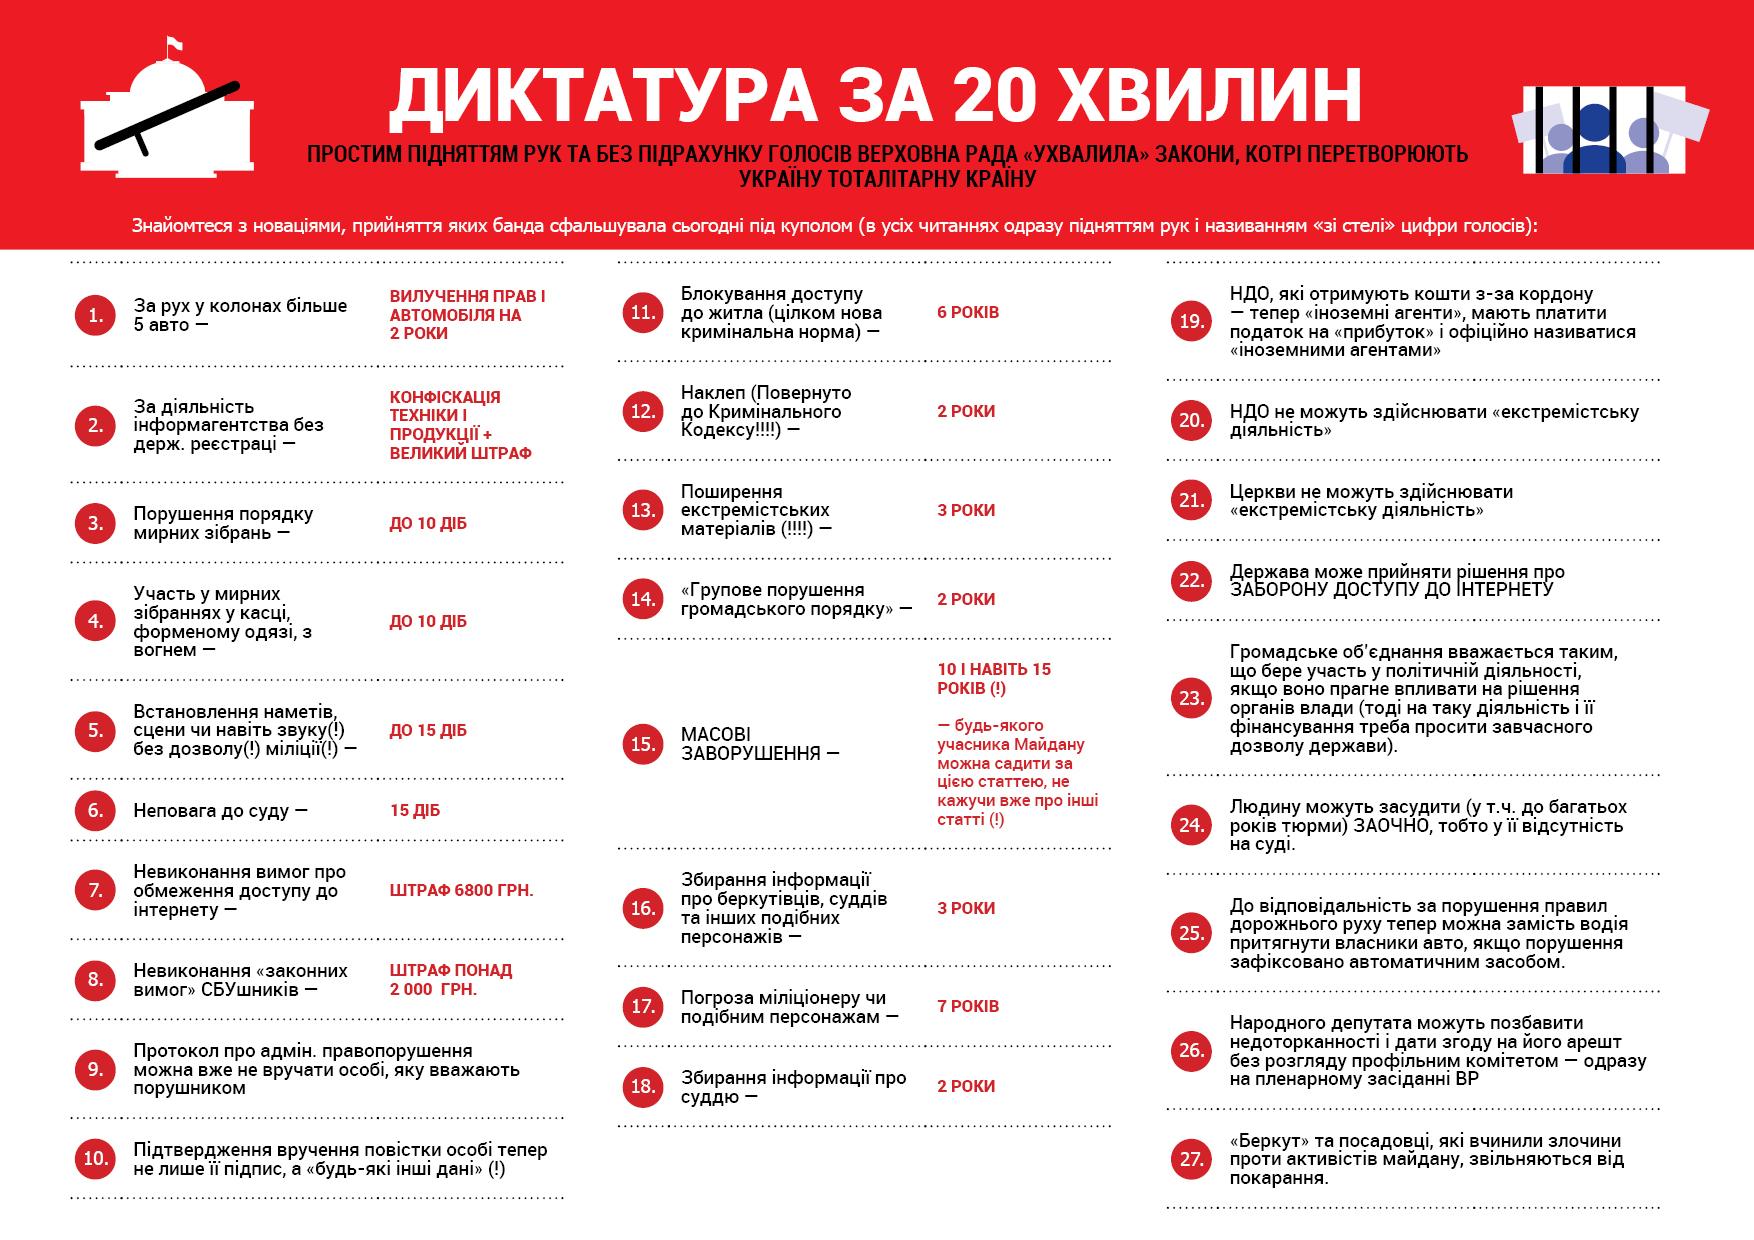 """Оснований для переголосования нет, - """"регионал"""" Колесниченко - Цензор.НЕТ 8119"""